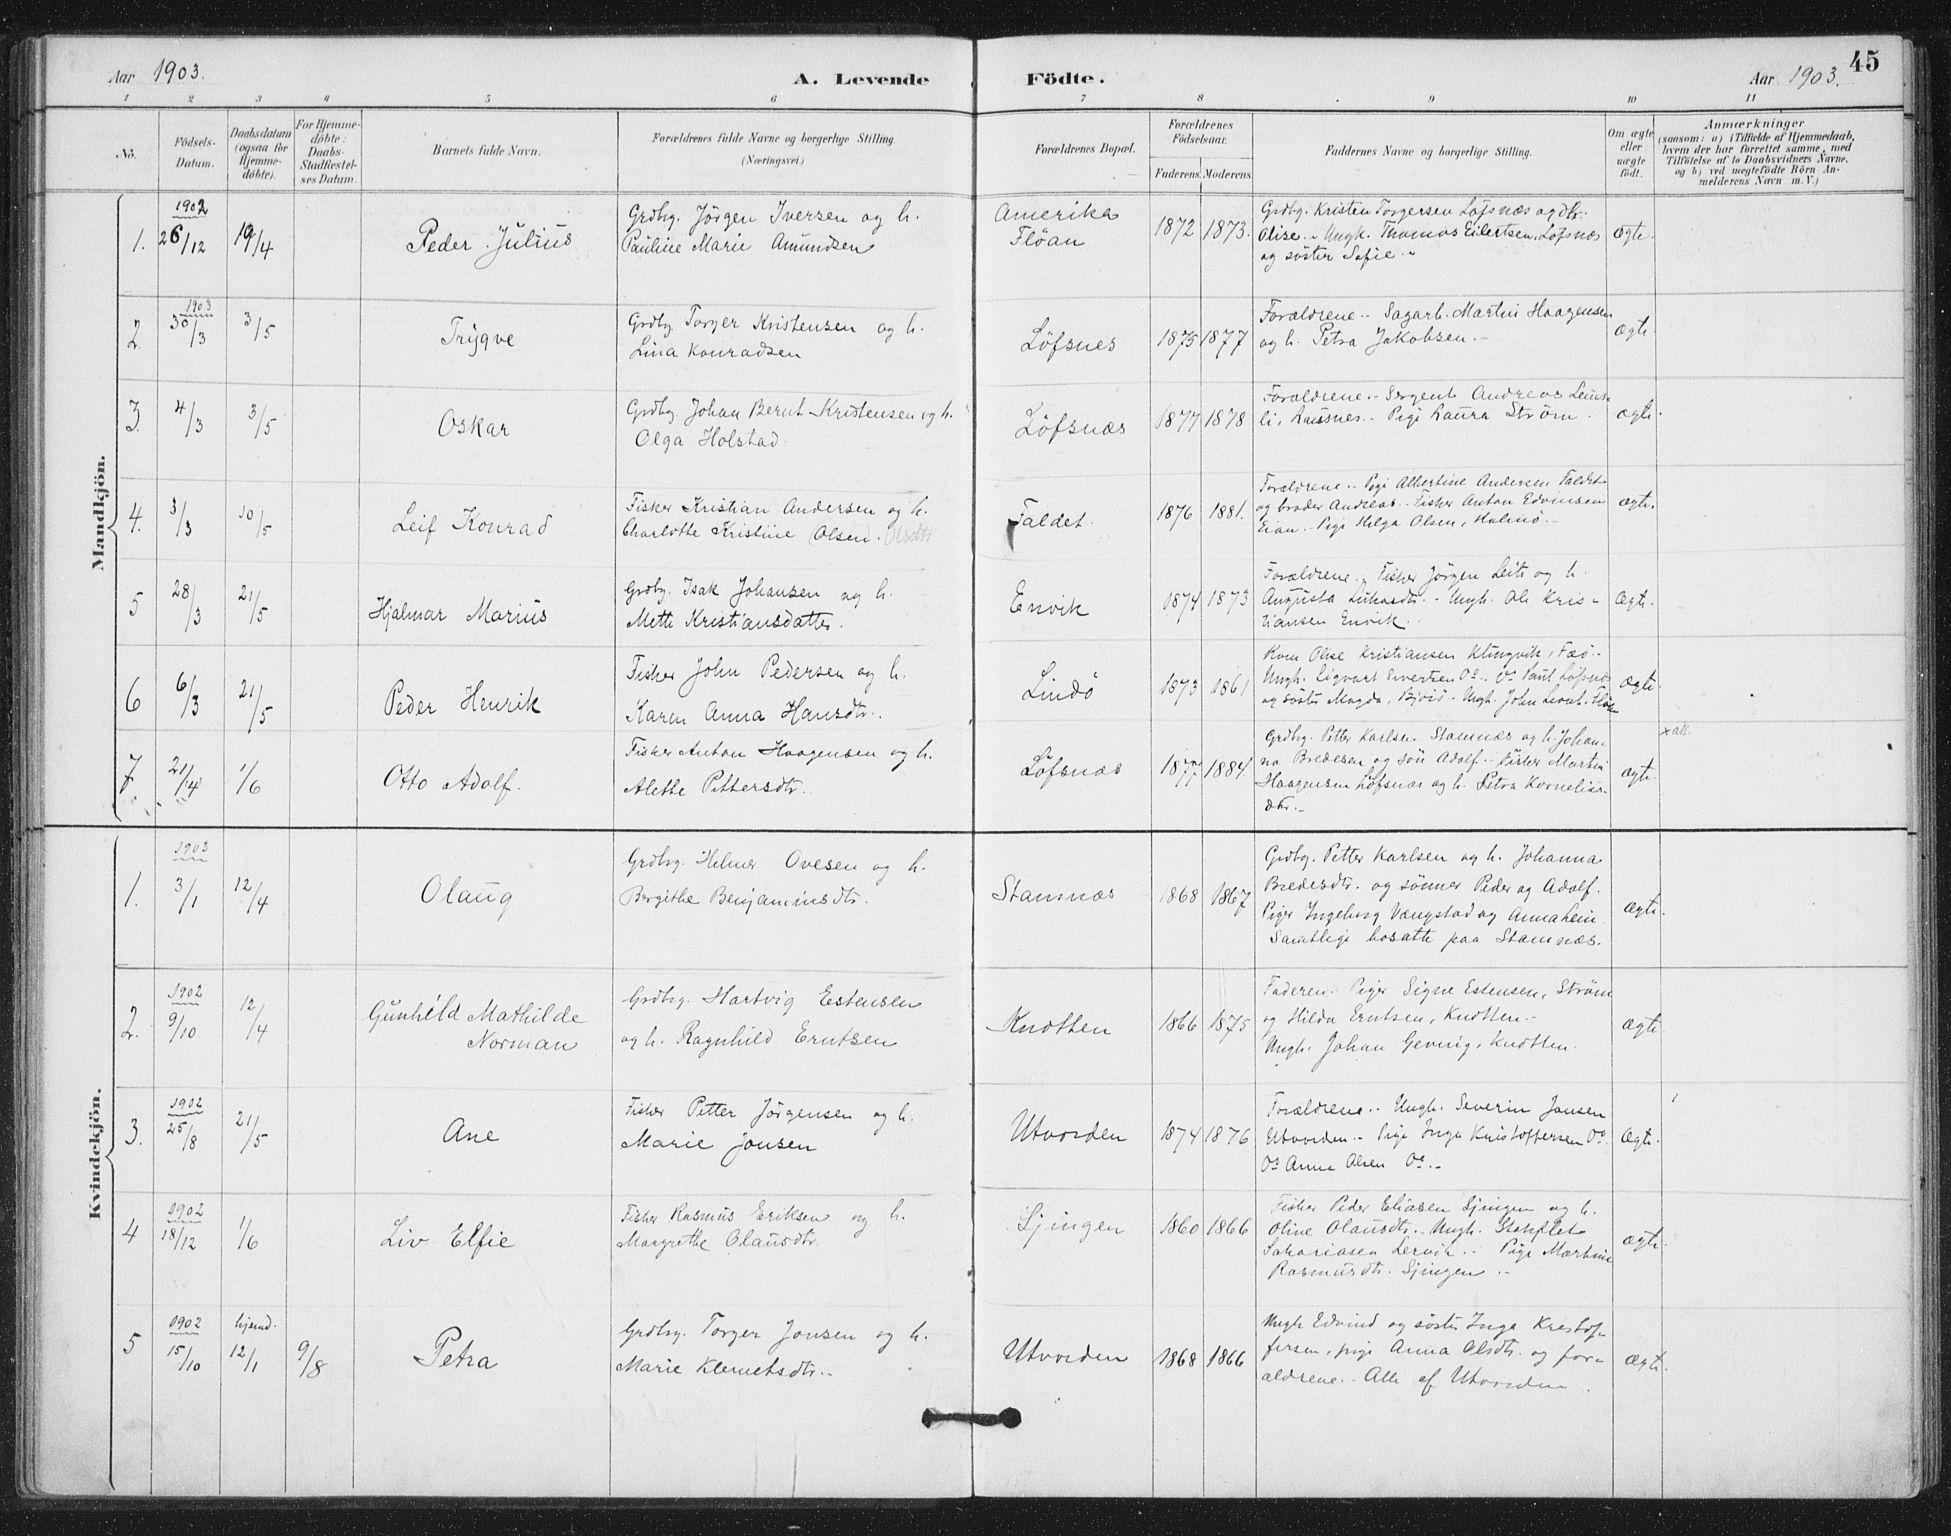 SAT, Ministerialprotokoller, klokkerbøker og fødselsregistre - Nord-Trøndelag, 772/L0603: Ministerialbok nr. 772A01, 1885-1912, s. 45